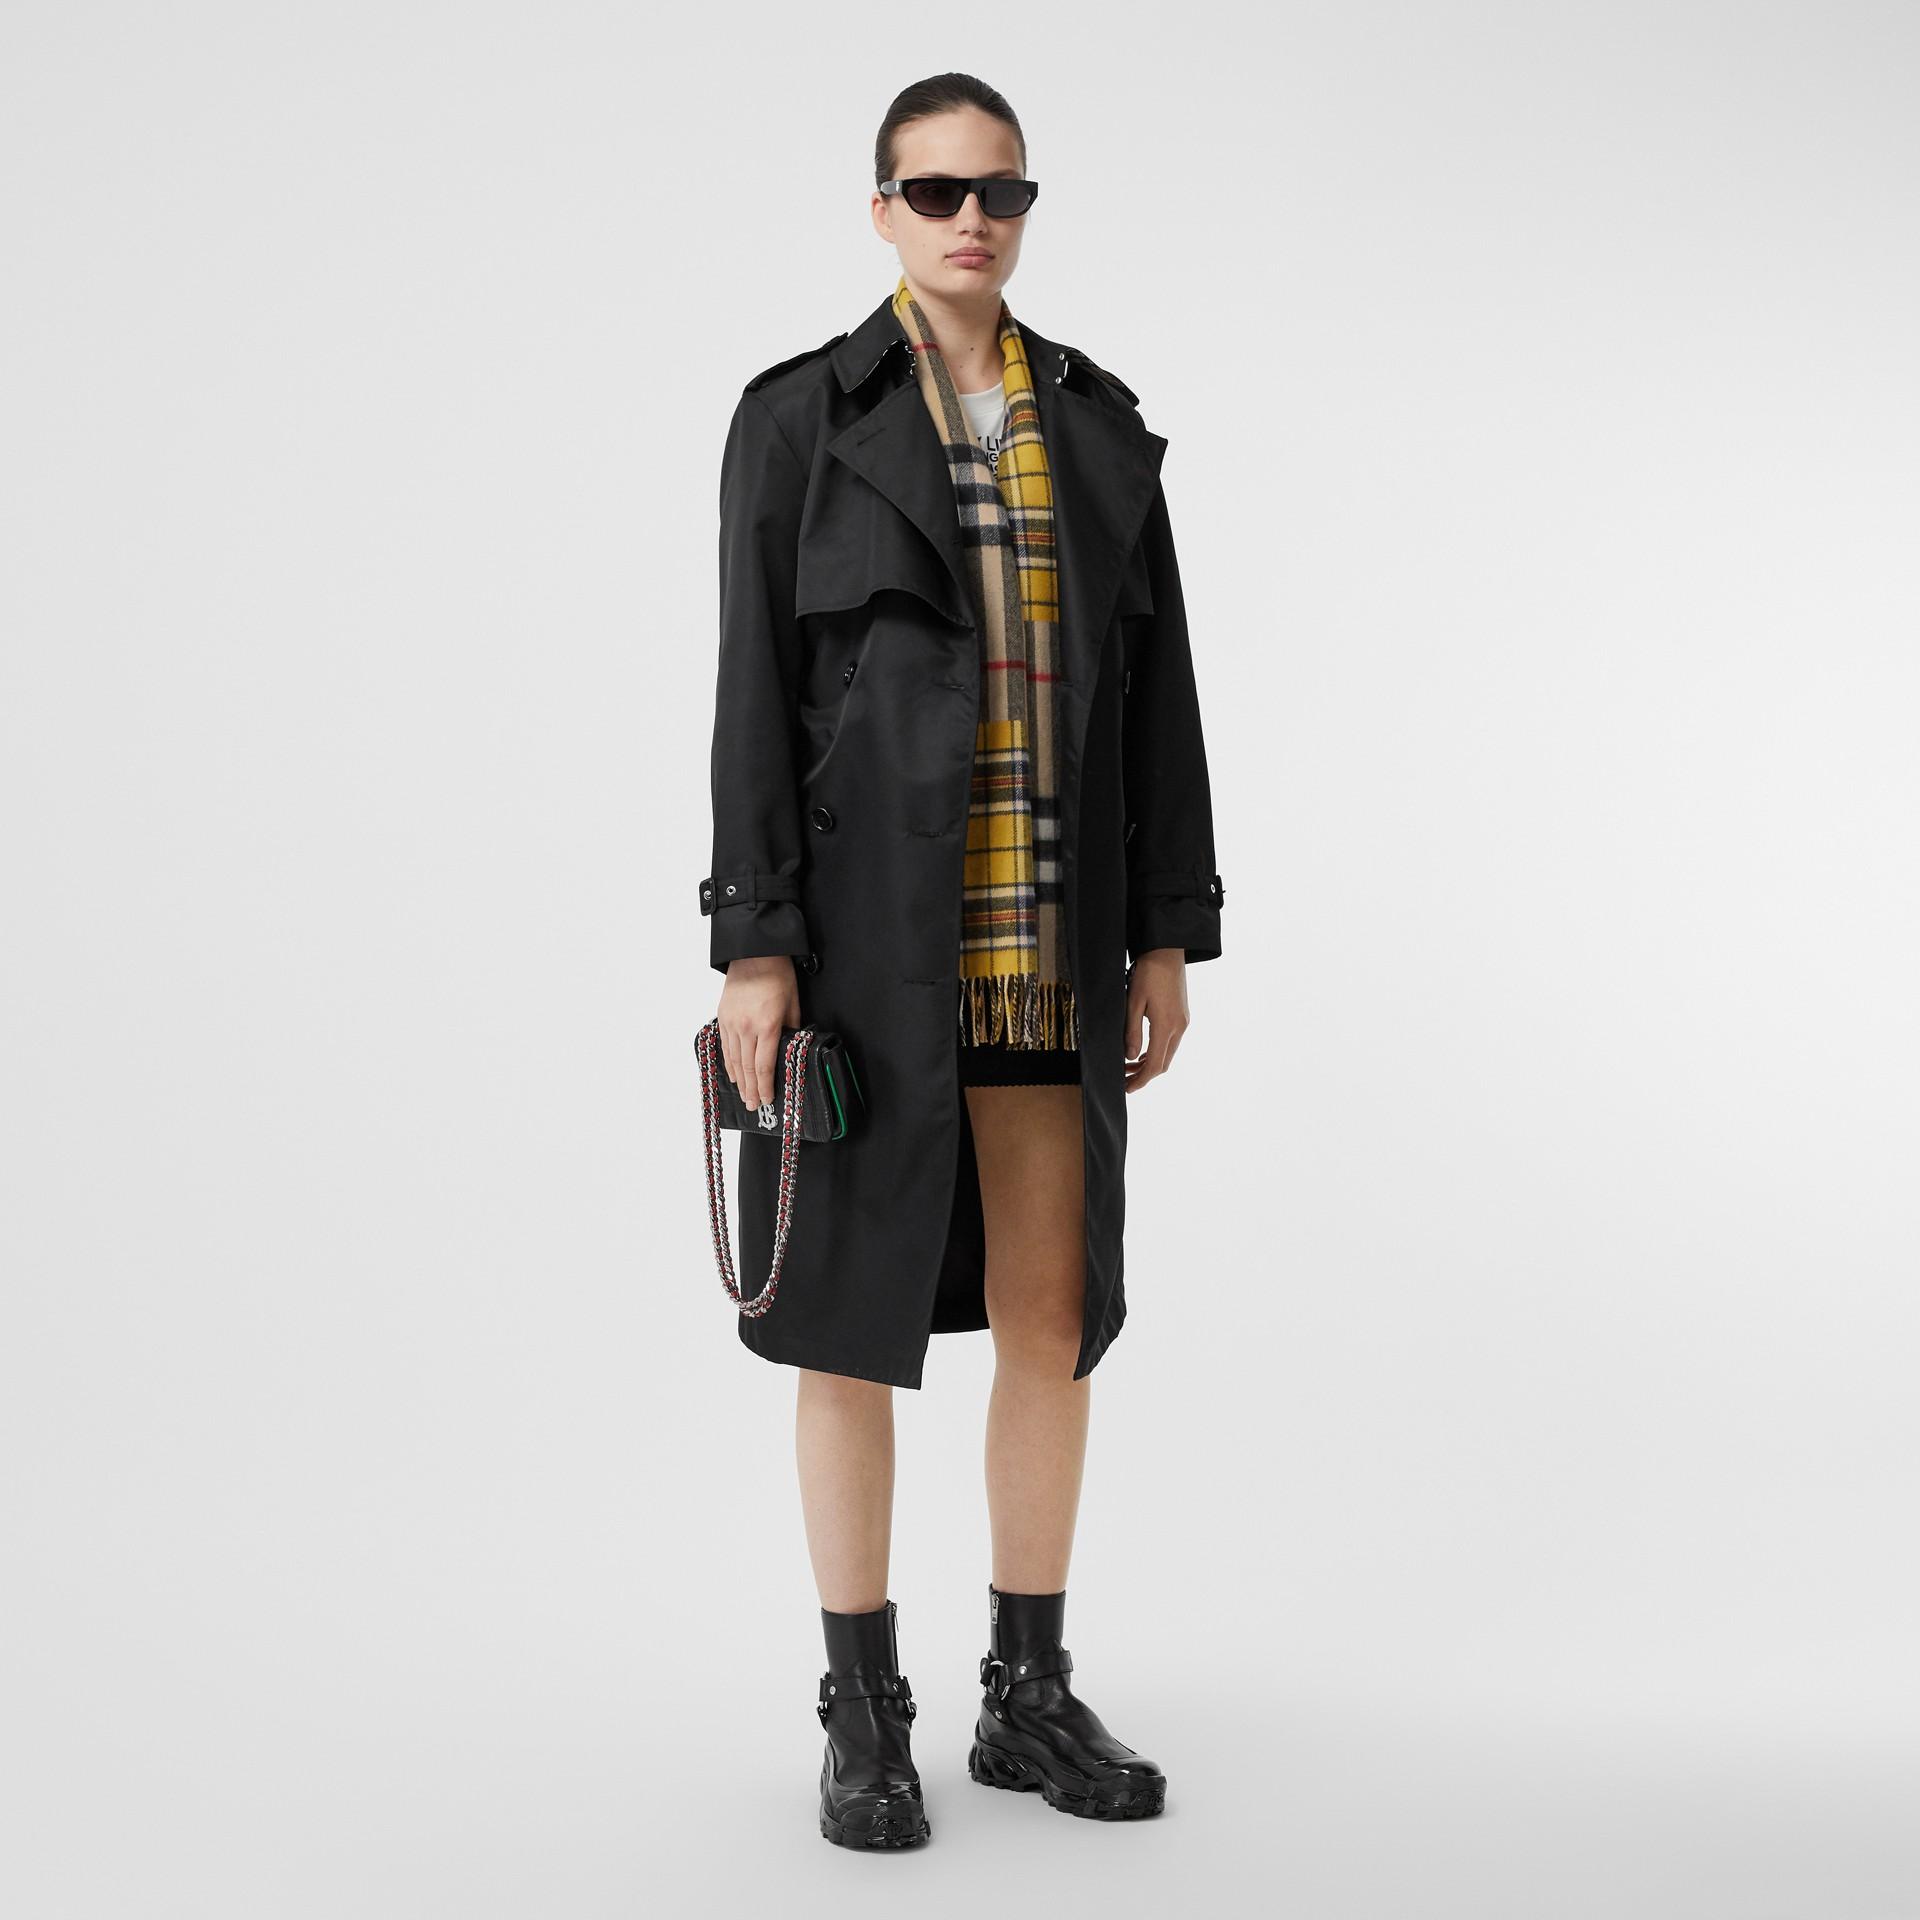 對比格紋喀什米爾美麗諾羊毛提花圍巾 (鮮黃色) | Burberry - 圖庫照片 6